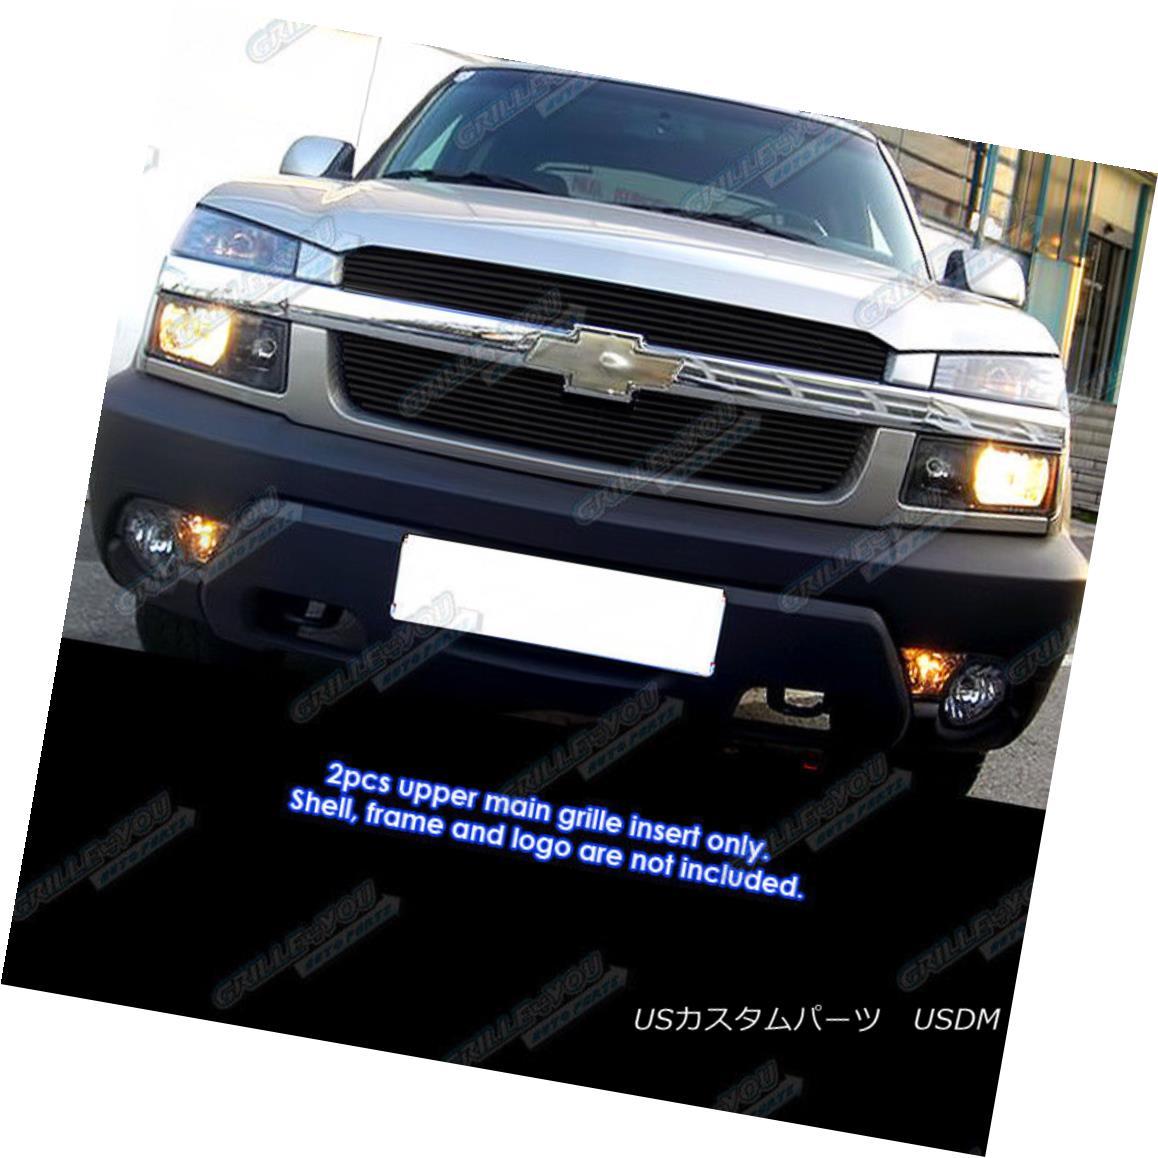 グリル 2001-2006 Chevy Avalanche With Body Cladding Black Billet Grille Grill Insert 2001-2006ボディクラッディング付きシェビーアバランチェブラックビレットグリルグリルインサート